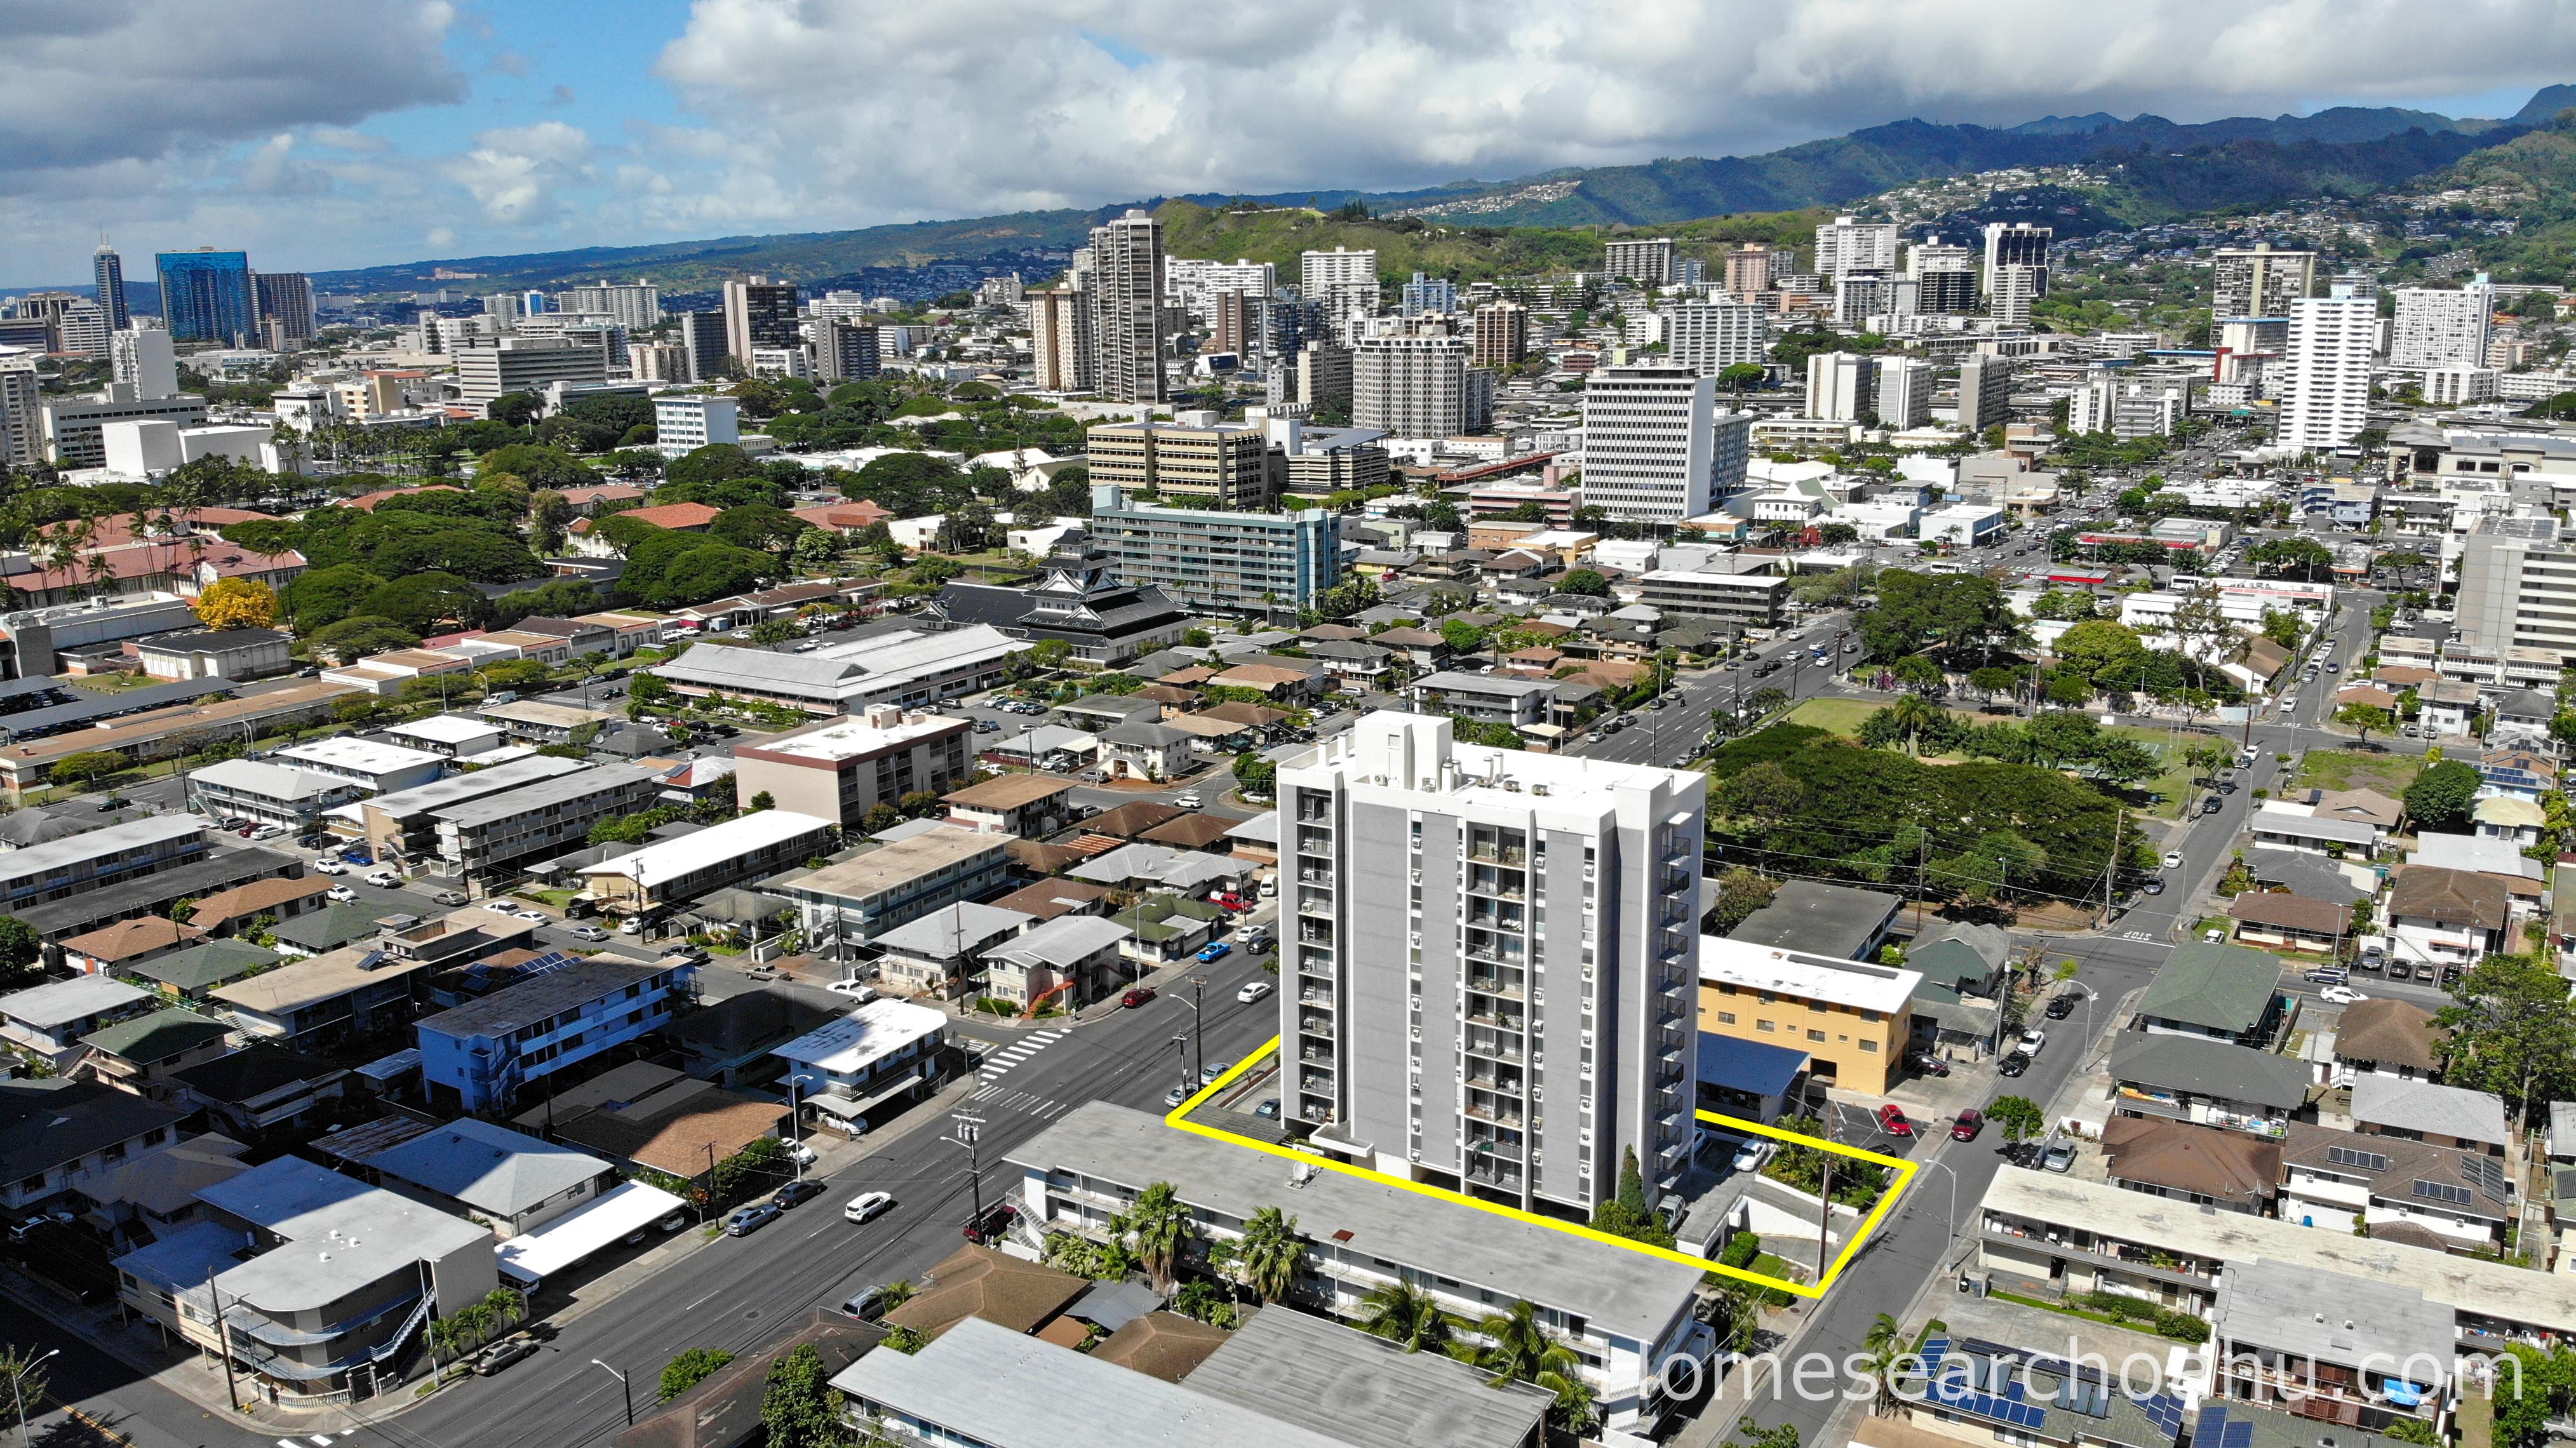 Piikoi Plaza Aerial Location